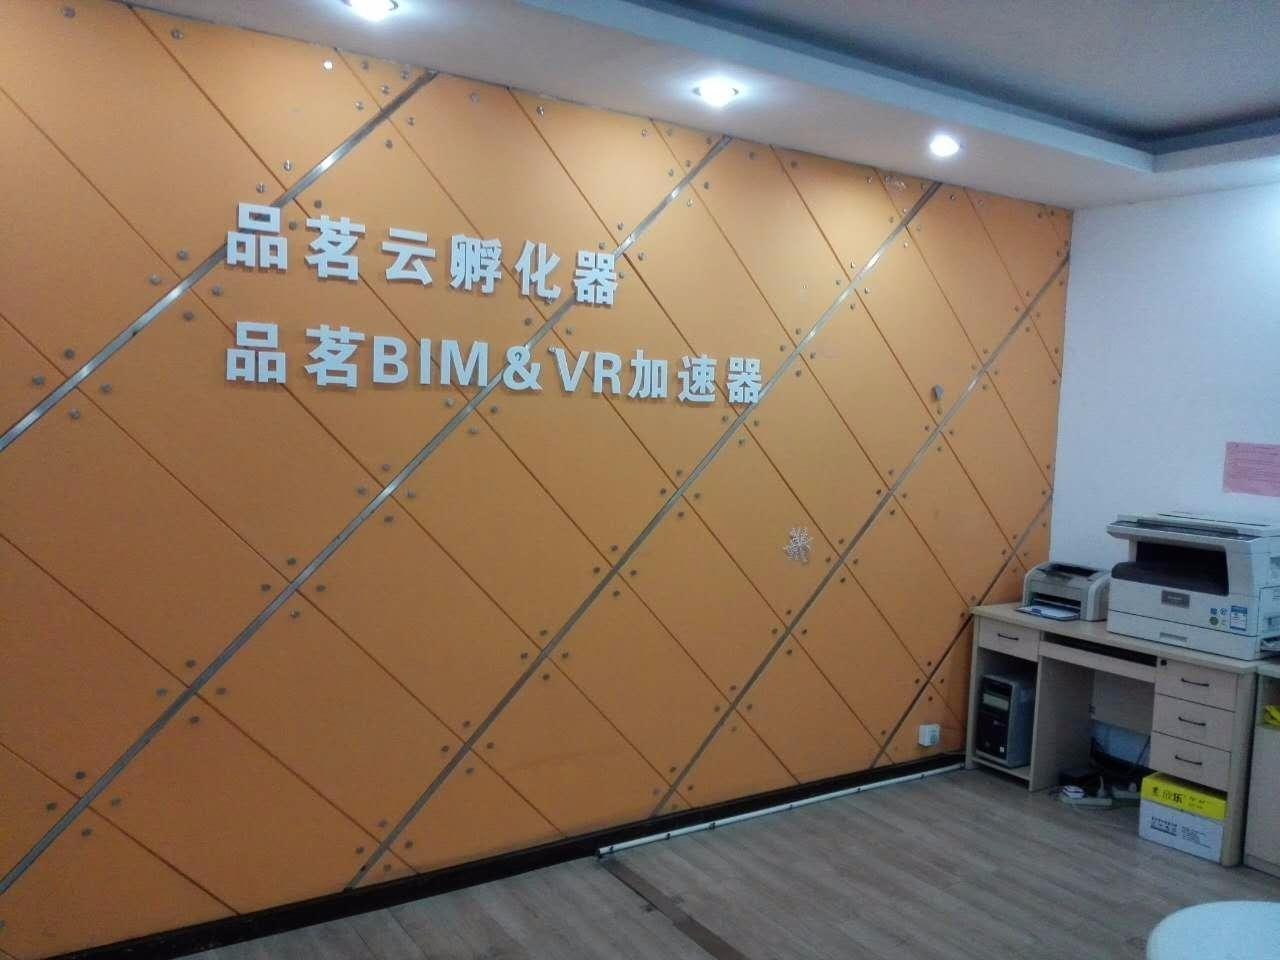 山东财经大学燕山校区图书馆